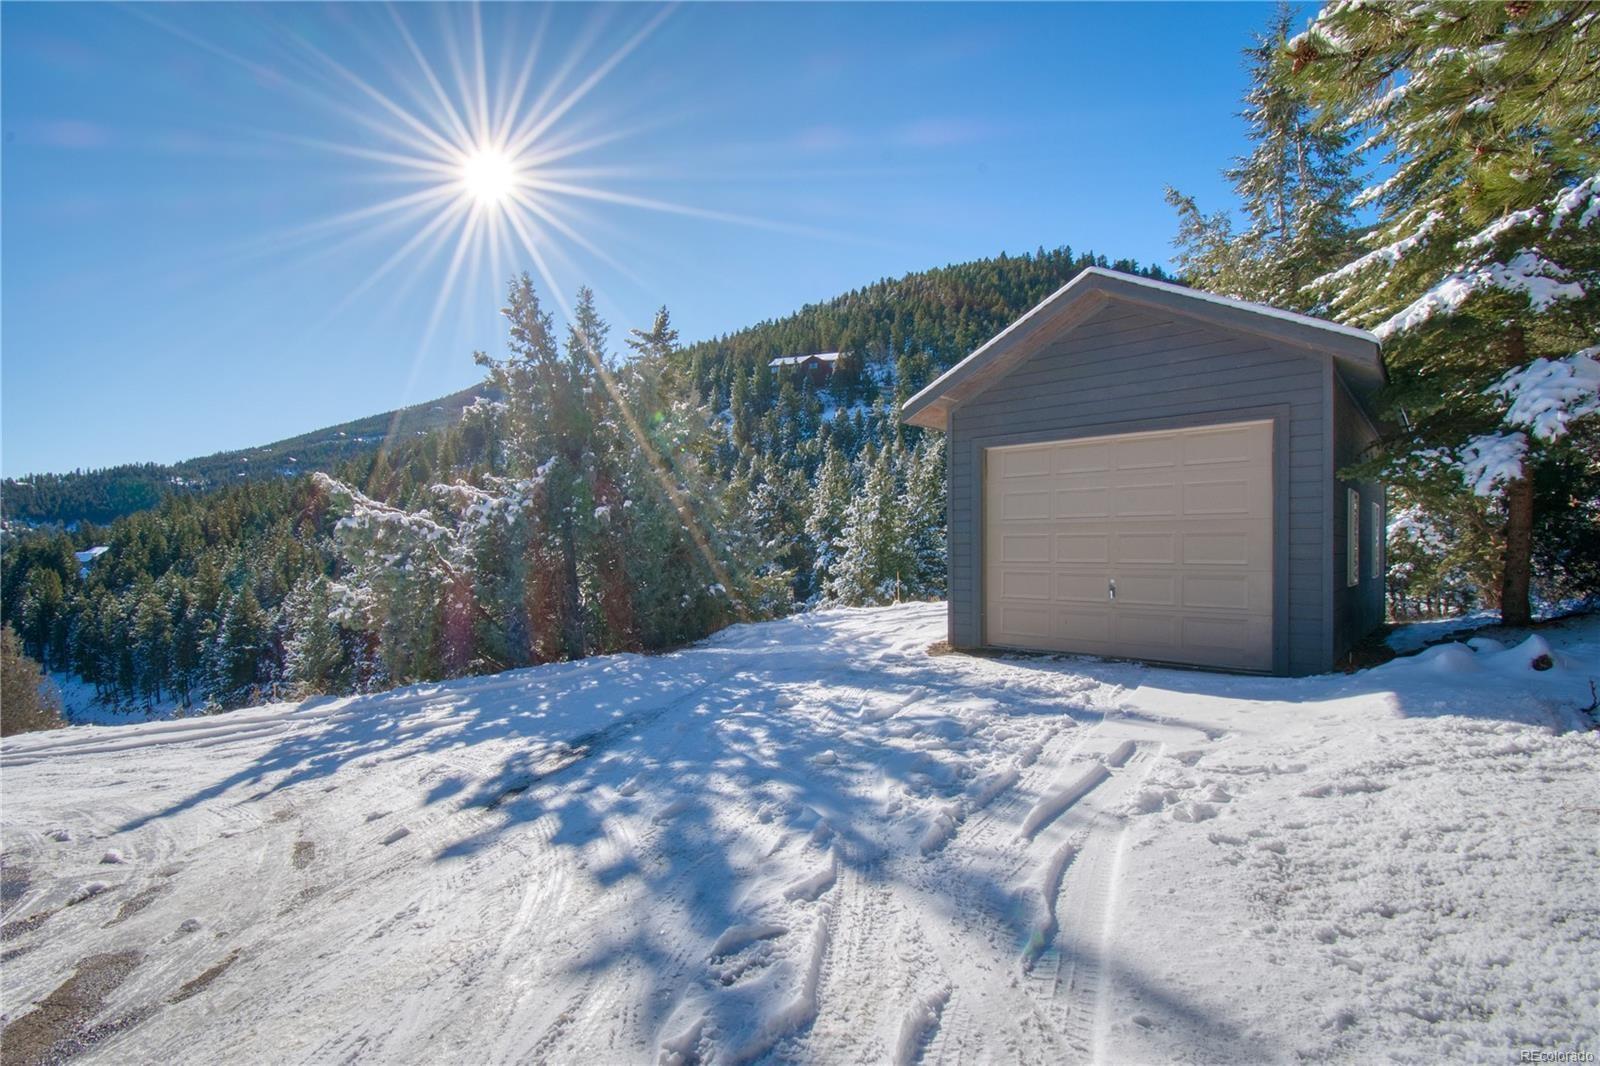 MLS# 8807220 - 27 - 89 Upper Elk Valley Drive, Evergreen, CO 80439